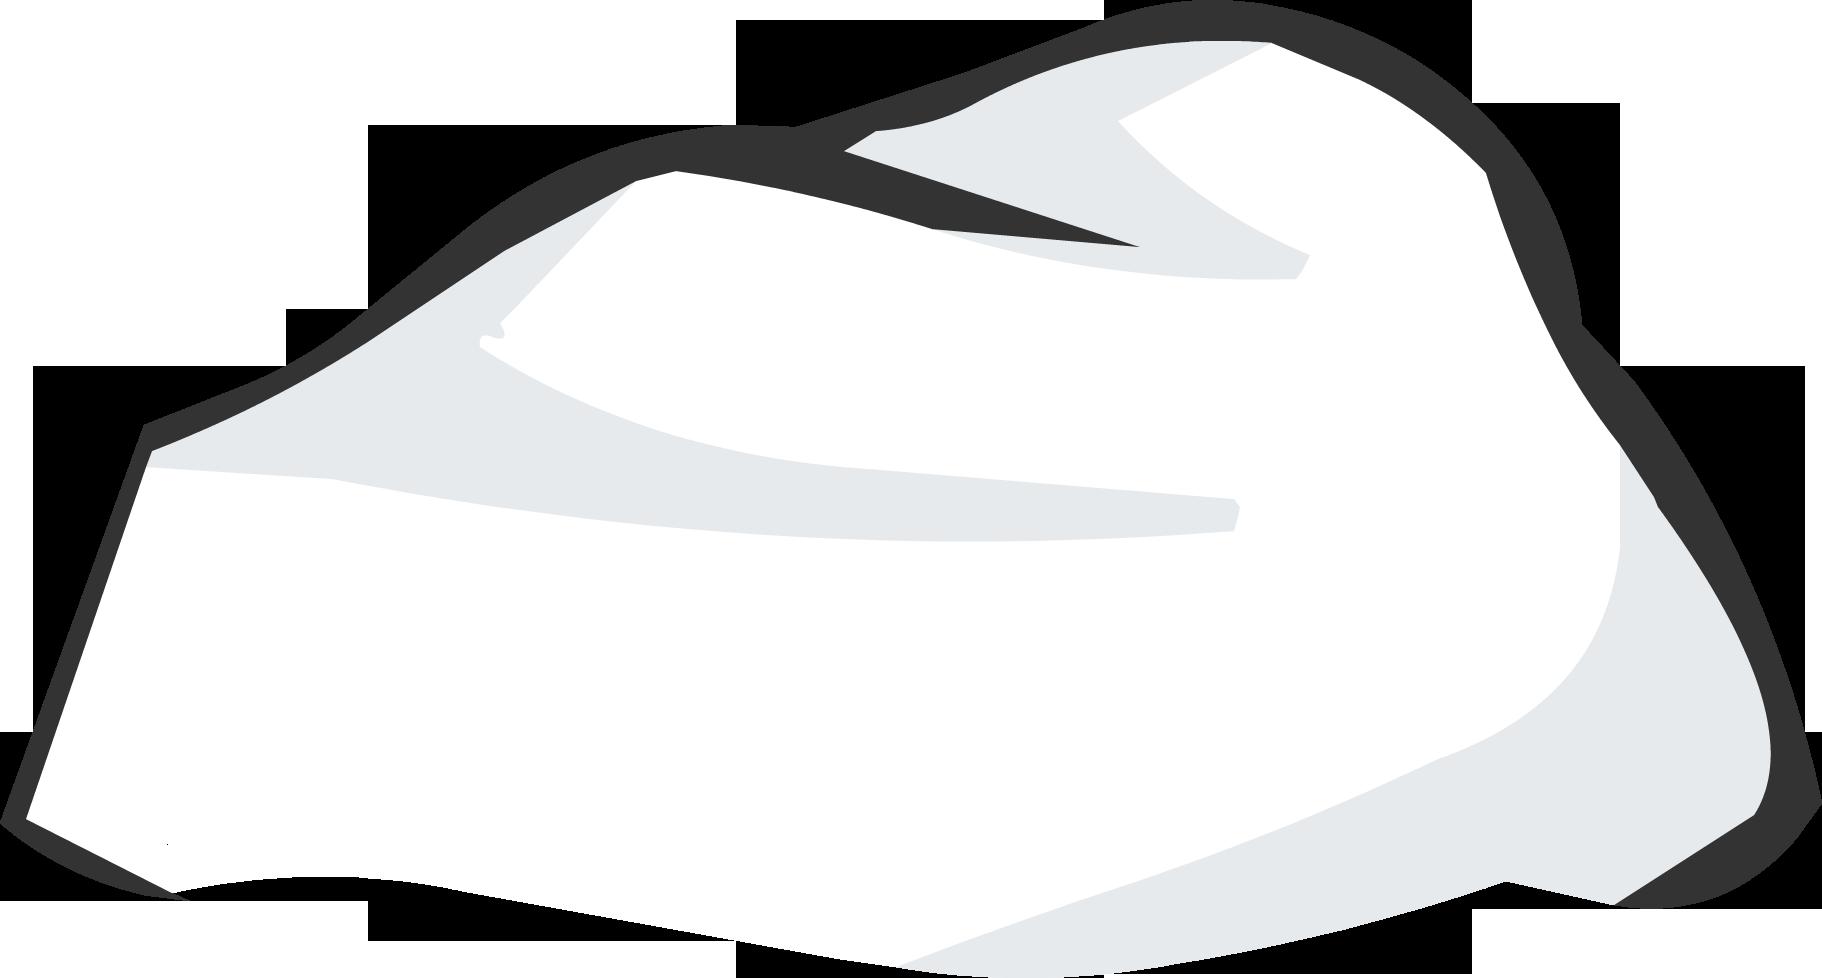 Snow Clump | Club Penguin Wiki | Fandom powered by Wikia